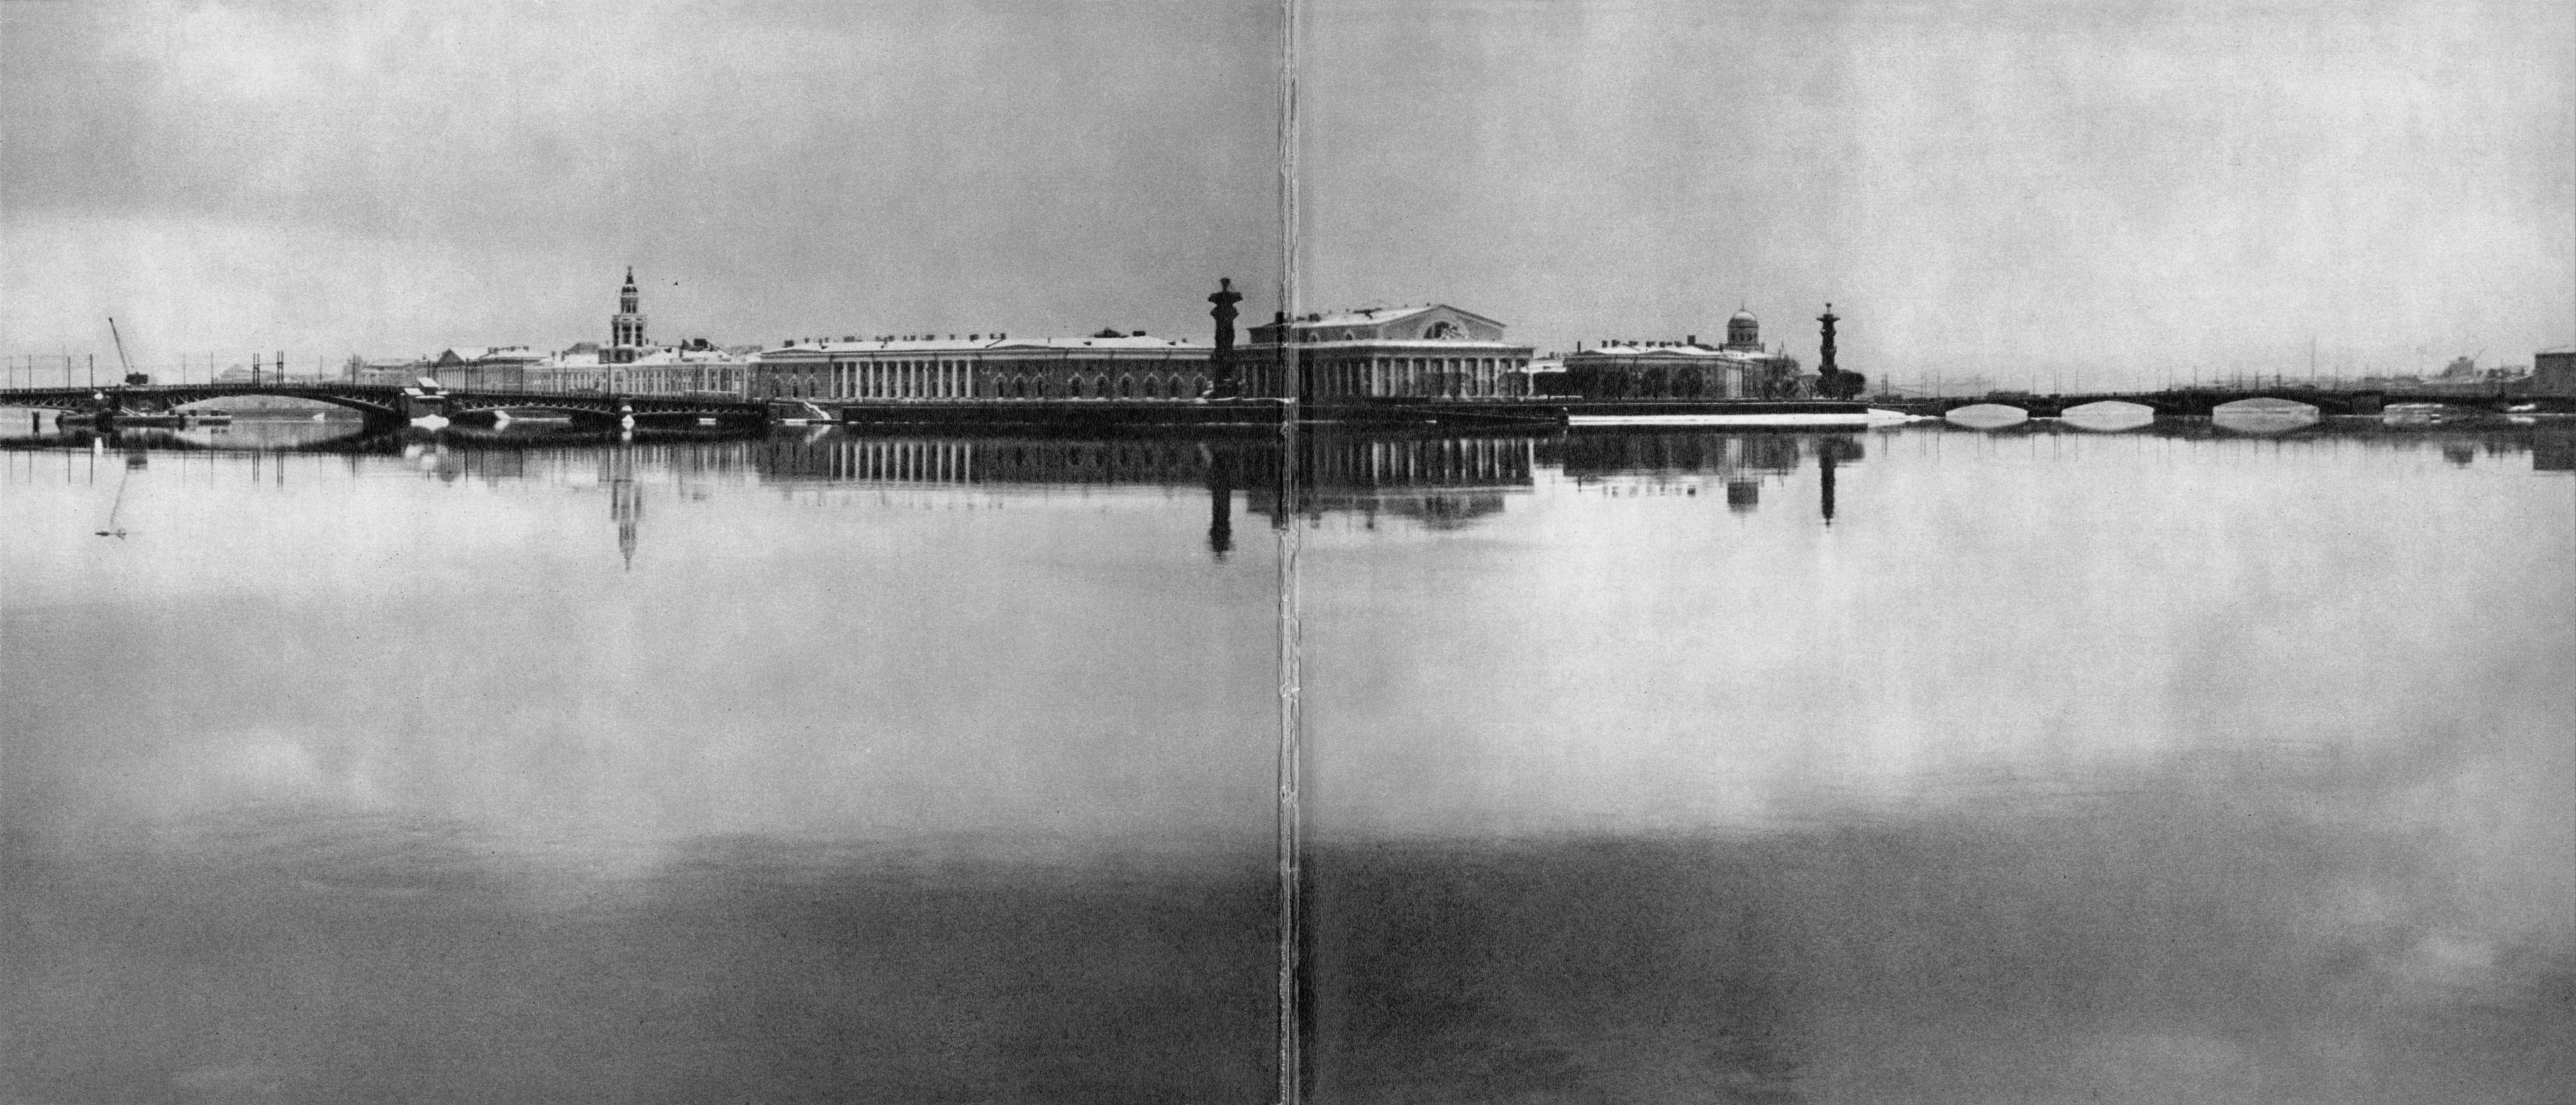 Стрелка Васильевского острова. Справа – Биржевой мост / Vasilyevsky Island Spit. Right, Birzhevoy Bridge